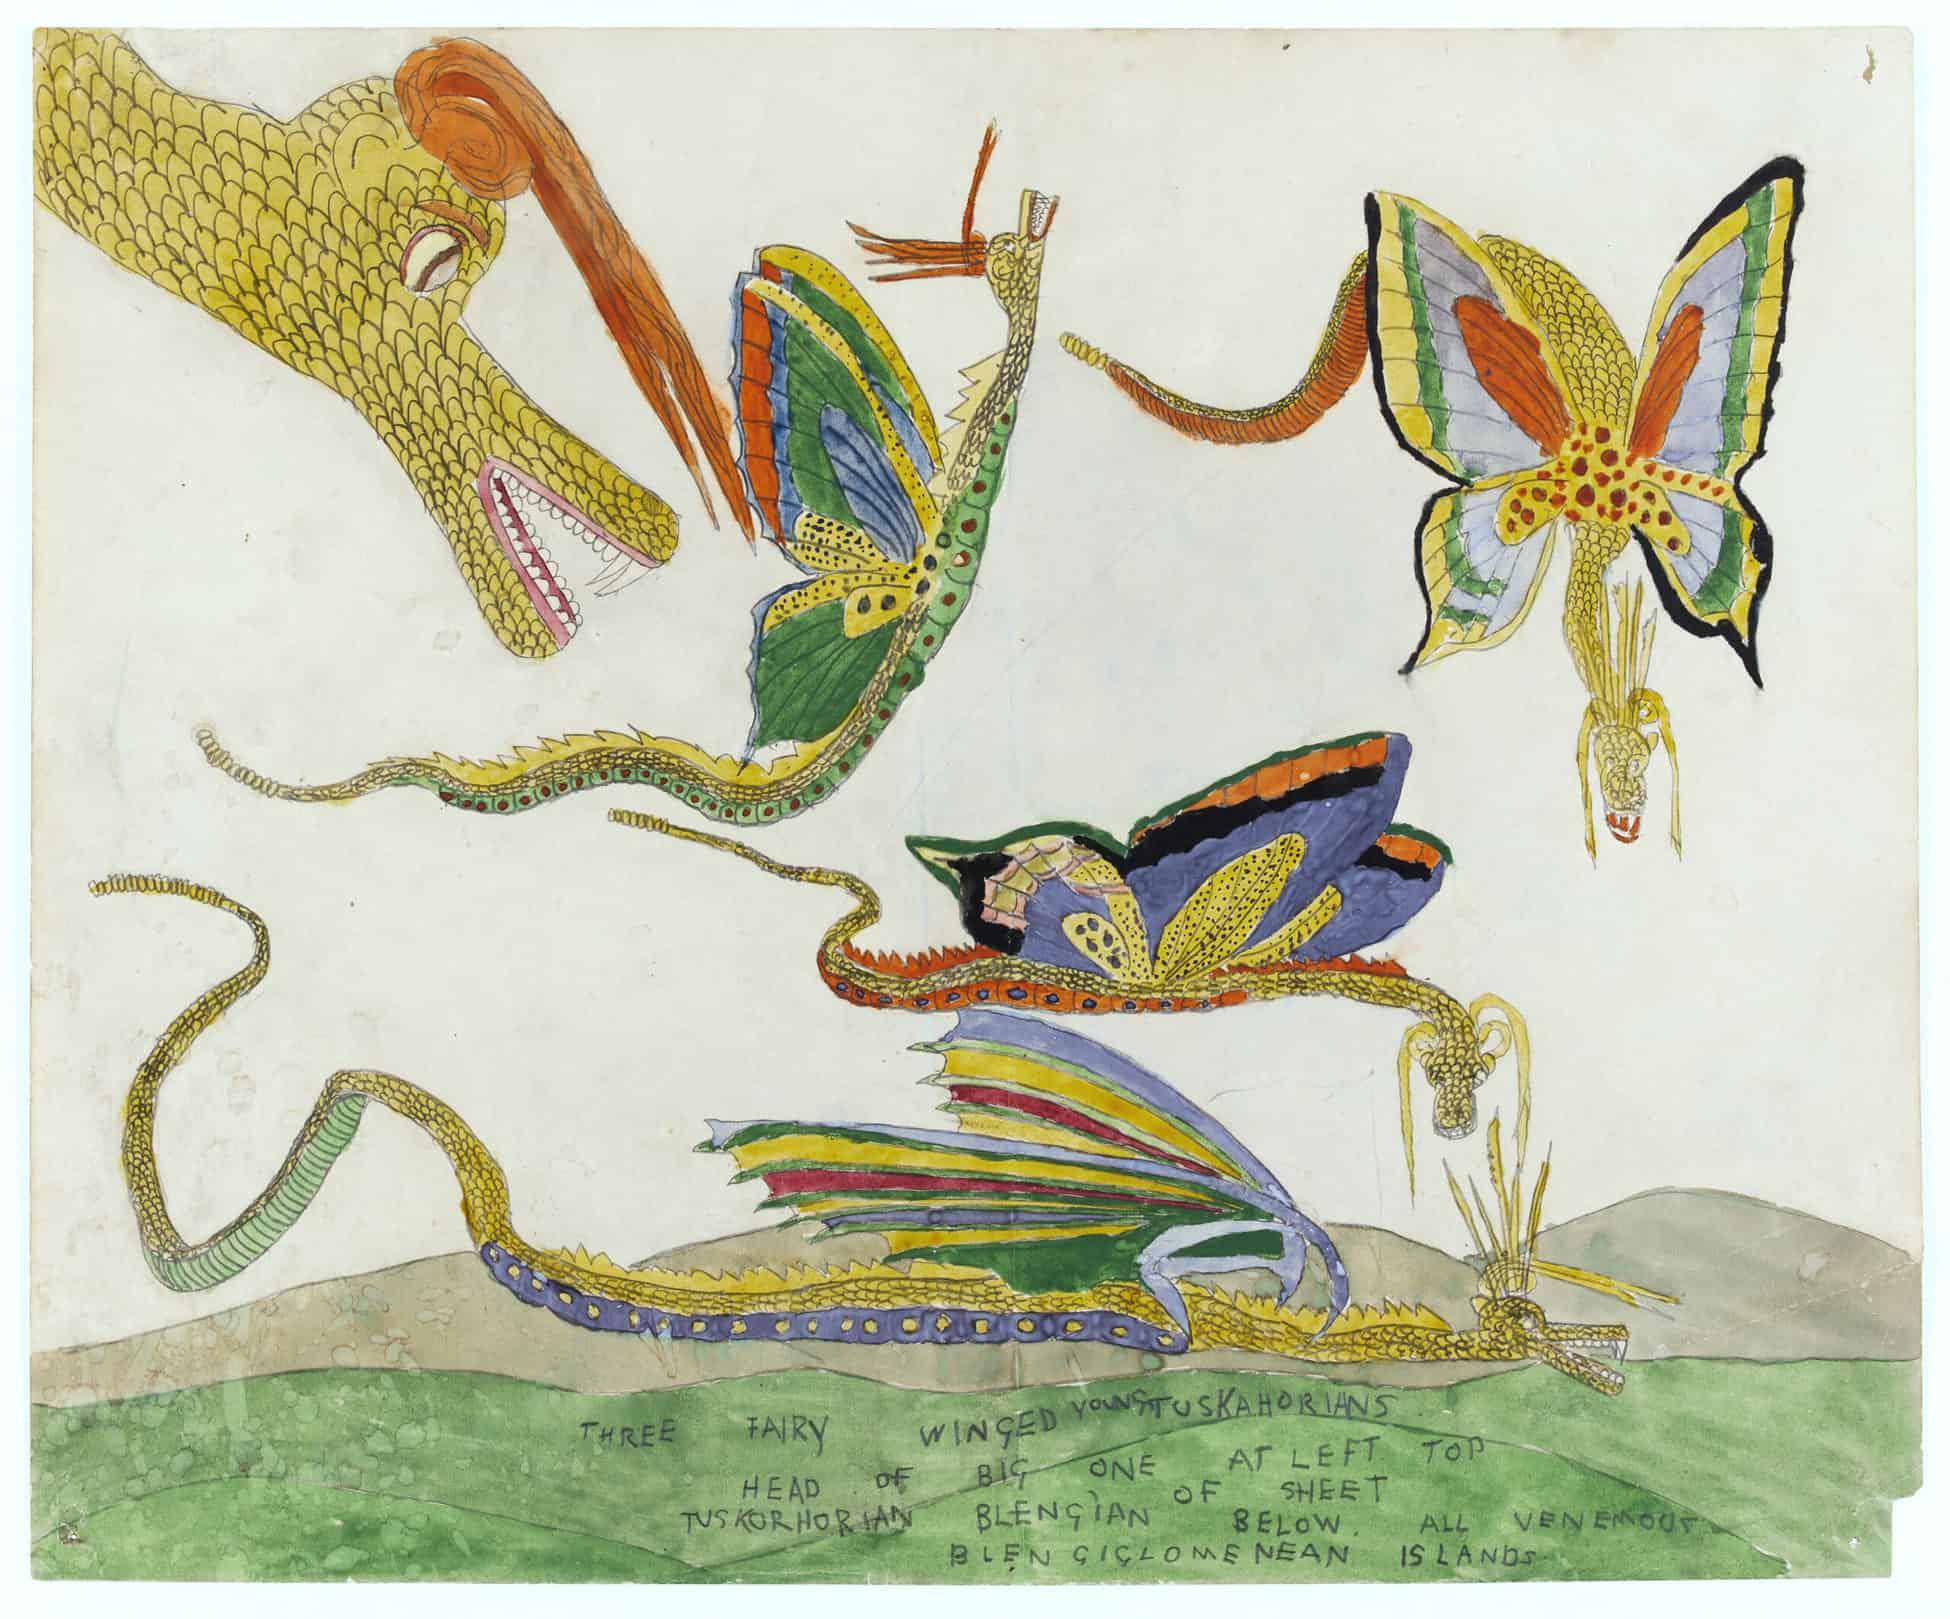 Henry DARGER, Three Fairy Winged Young Tuskohorians 1920 - 1930 © Kiyoko Lerner /Adagp, Paris Crédit photographique : Eric Emo/Parisienne de Photographie Don de la succession Henry Darger en 2013